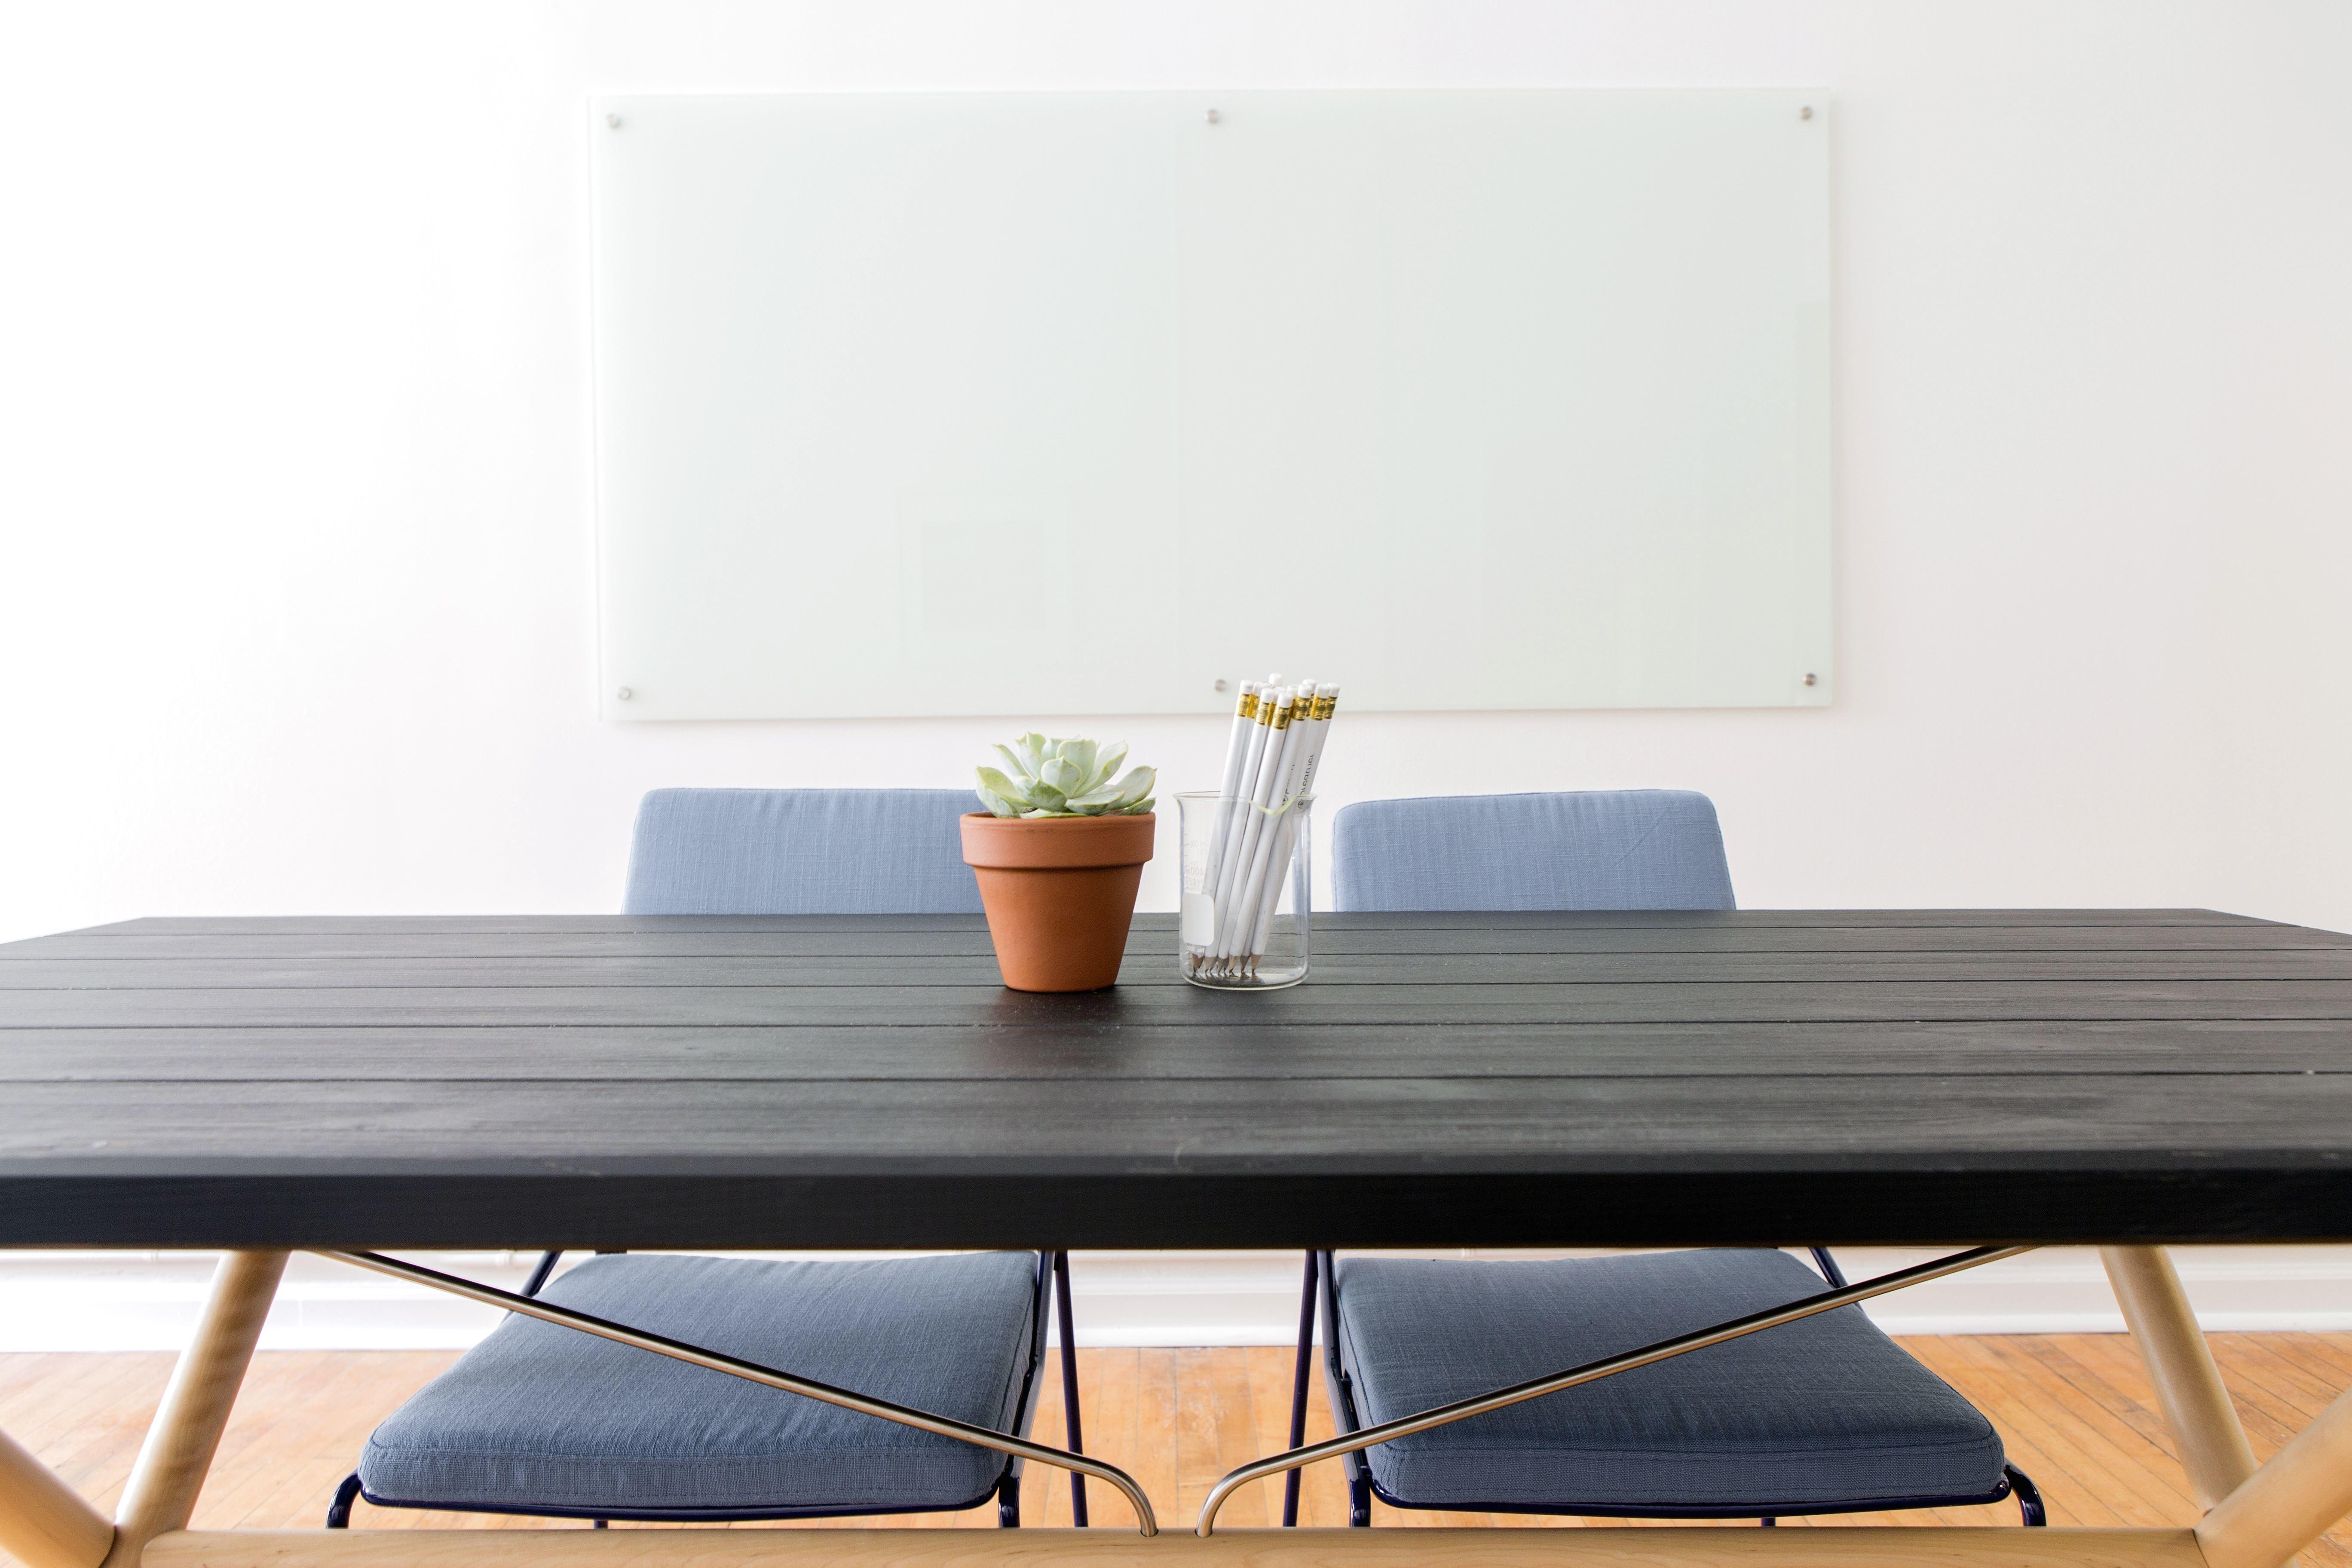 Kostenlose Bild: Topf, Pflanze, Tisch, Haus, Möbel, moderne Einrichtung